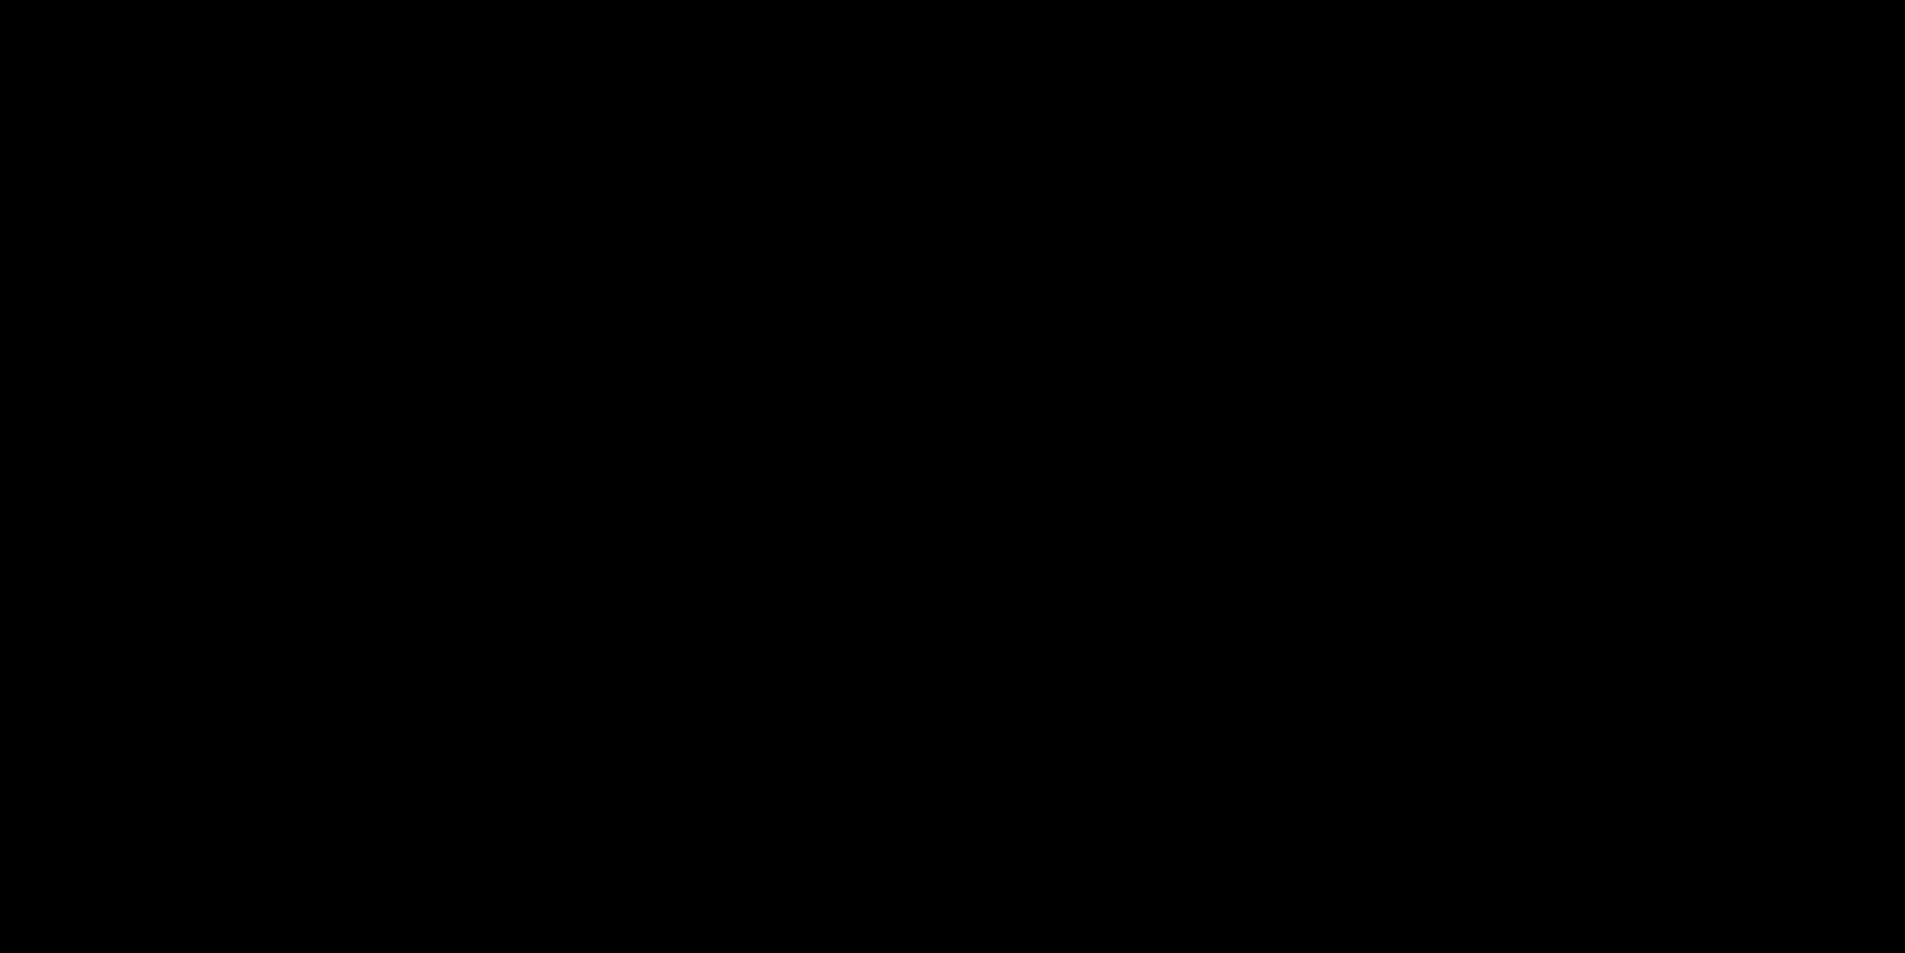 11:FS logo